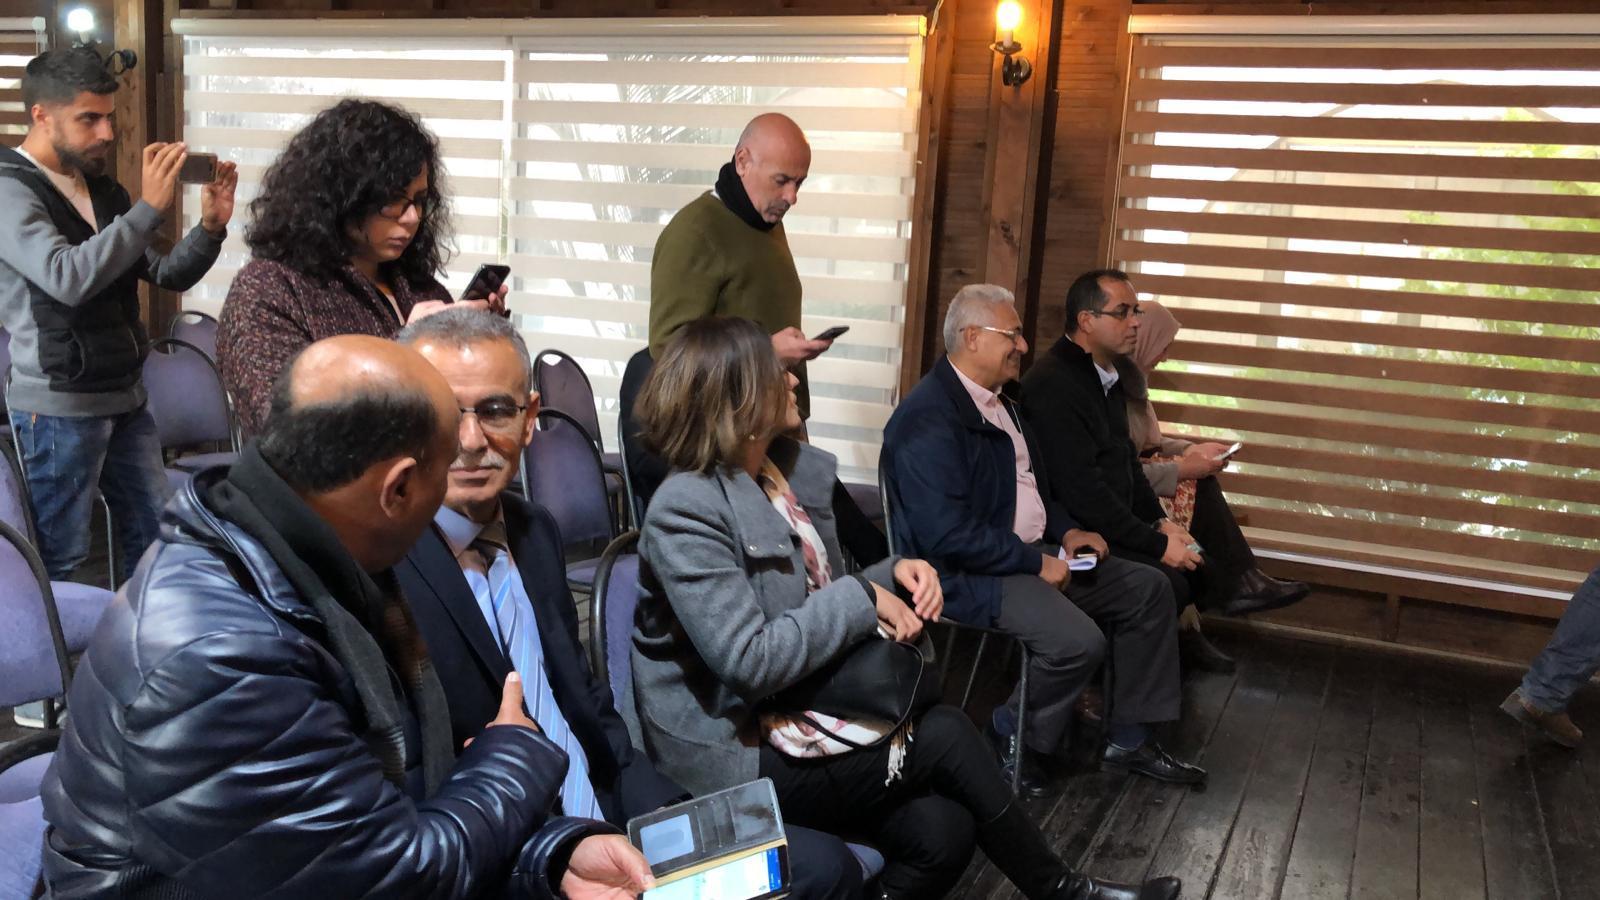 مؤتمر تحالف التجمع والإسلامية: الناخب العربي سيعاقب كل من يمس بالوحدة